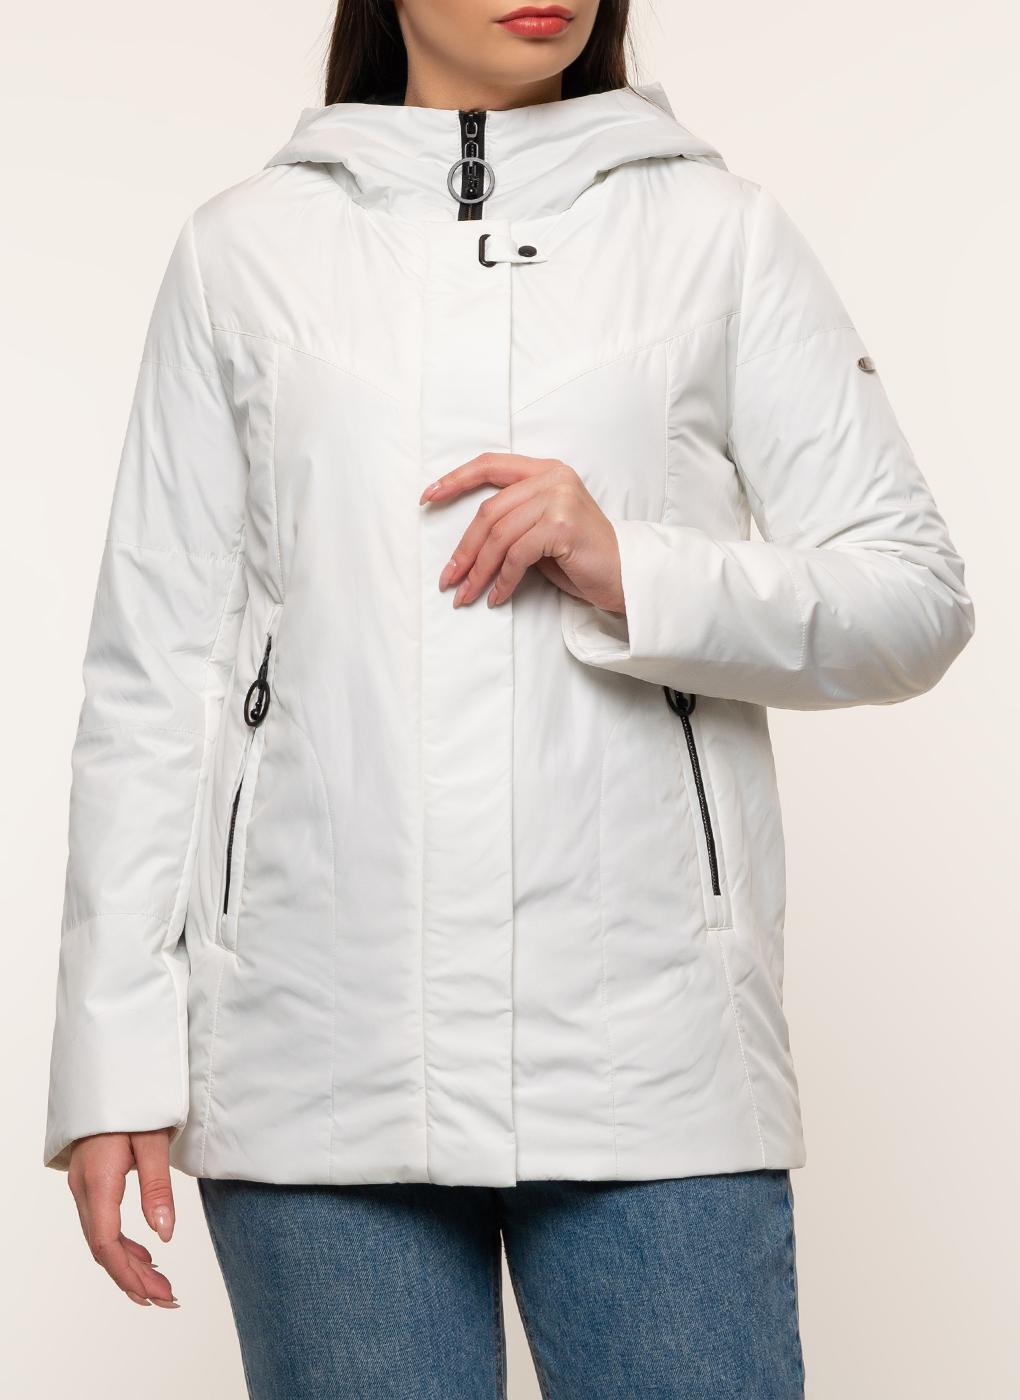 Куртка утепленная 04, ALYASKA фото